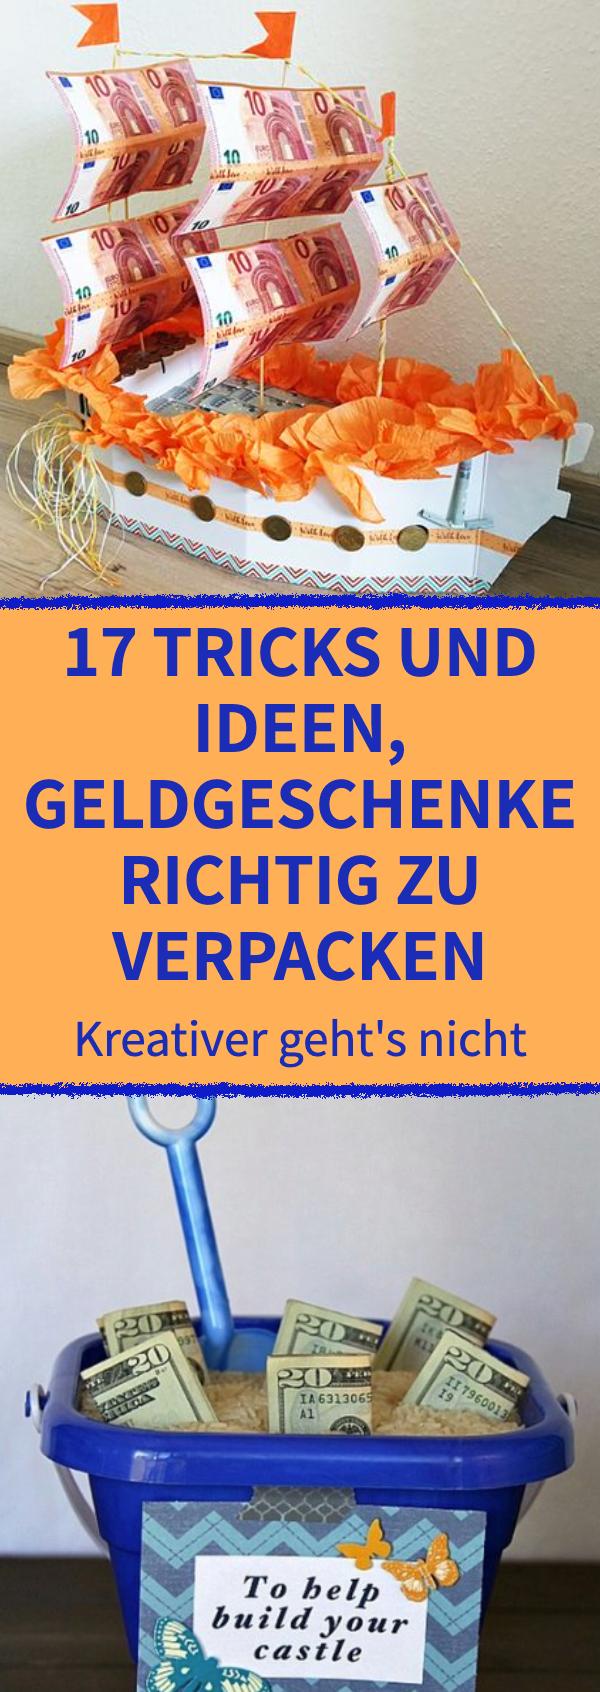 17 Tricks und Ideen, Geldgeschenke richtig zu verpacken